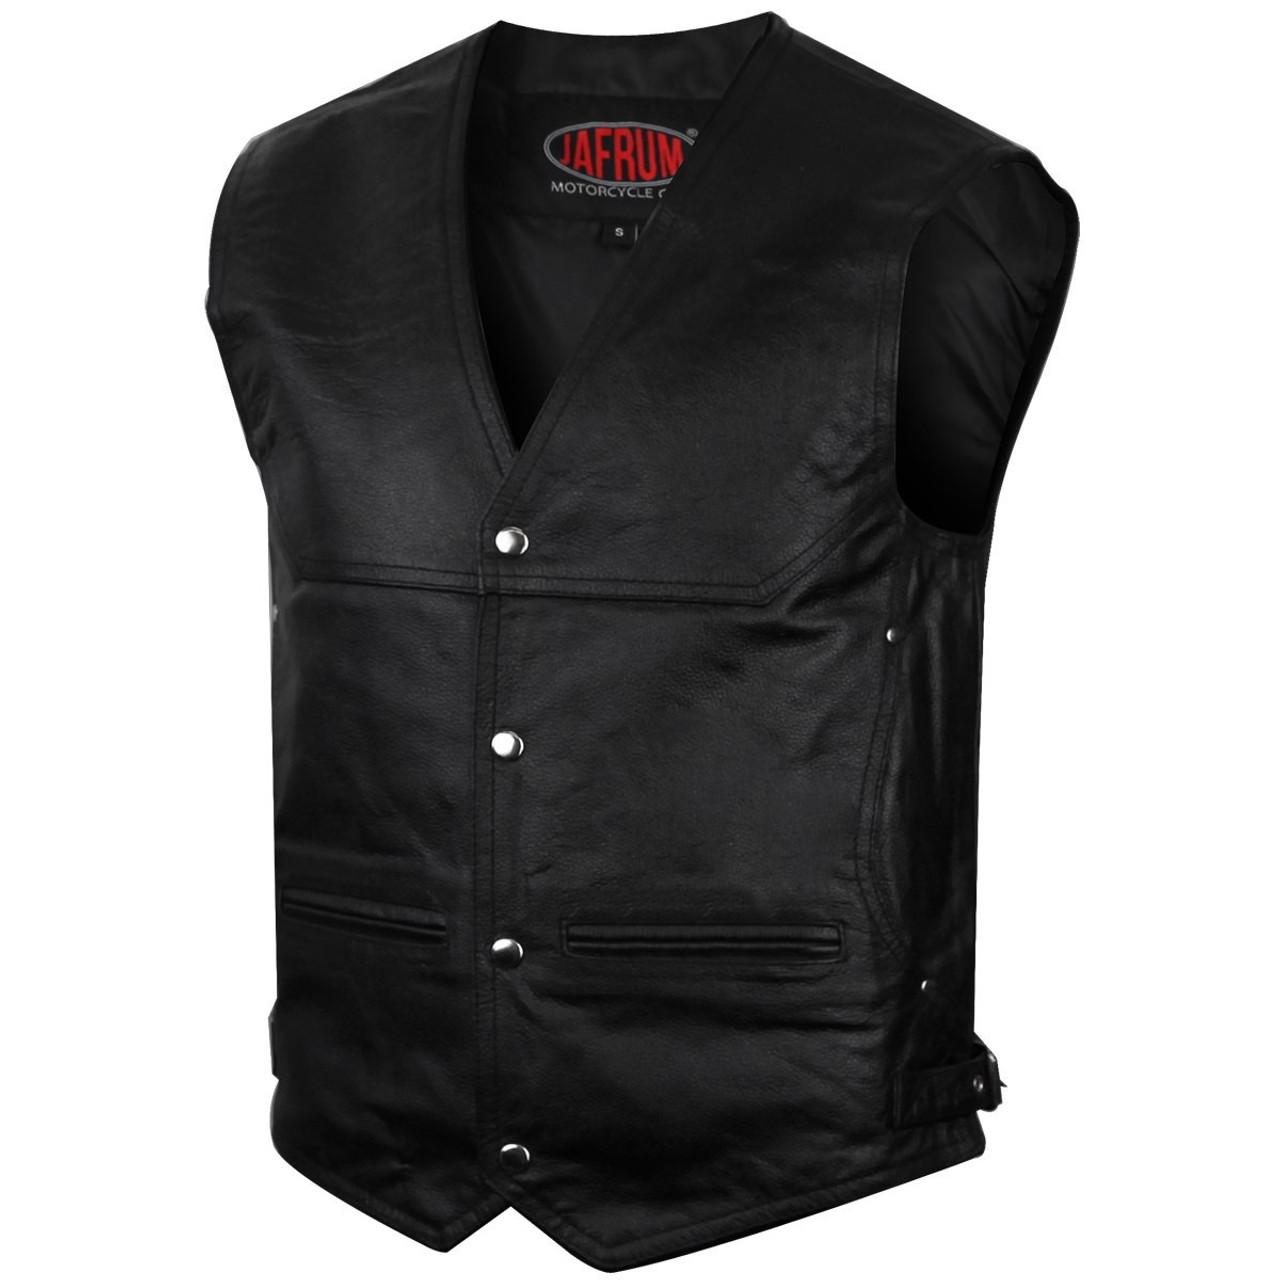 Ladies Black Leather Zipper Front Side Buckled Vest w// Low Cut V Neck Gun Pocket